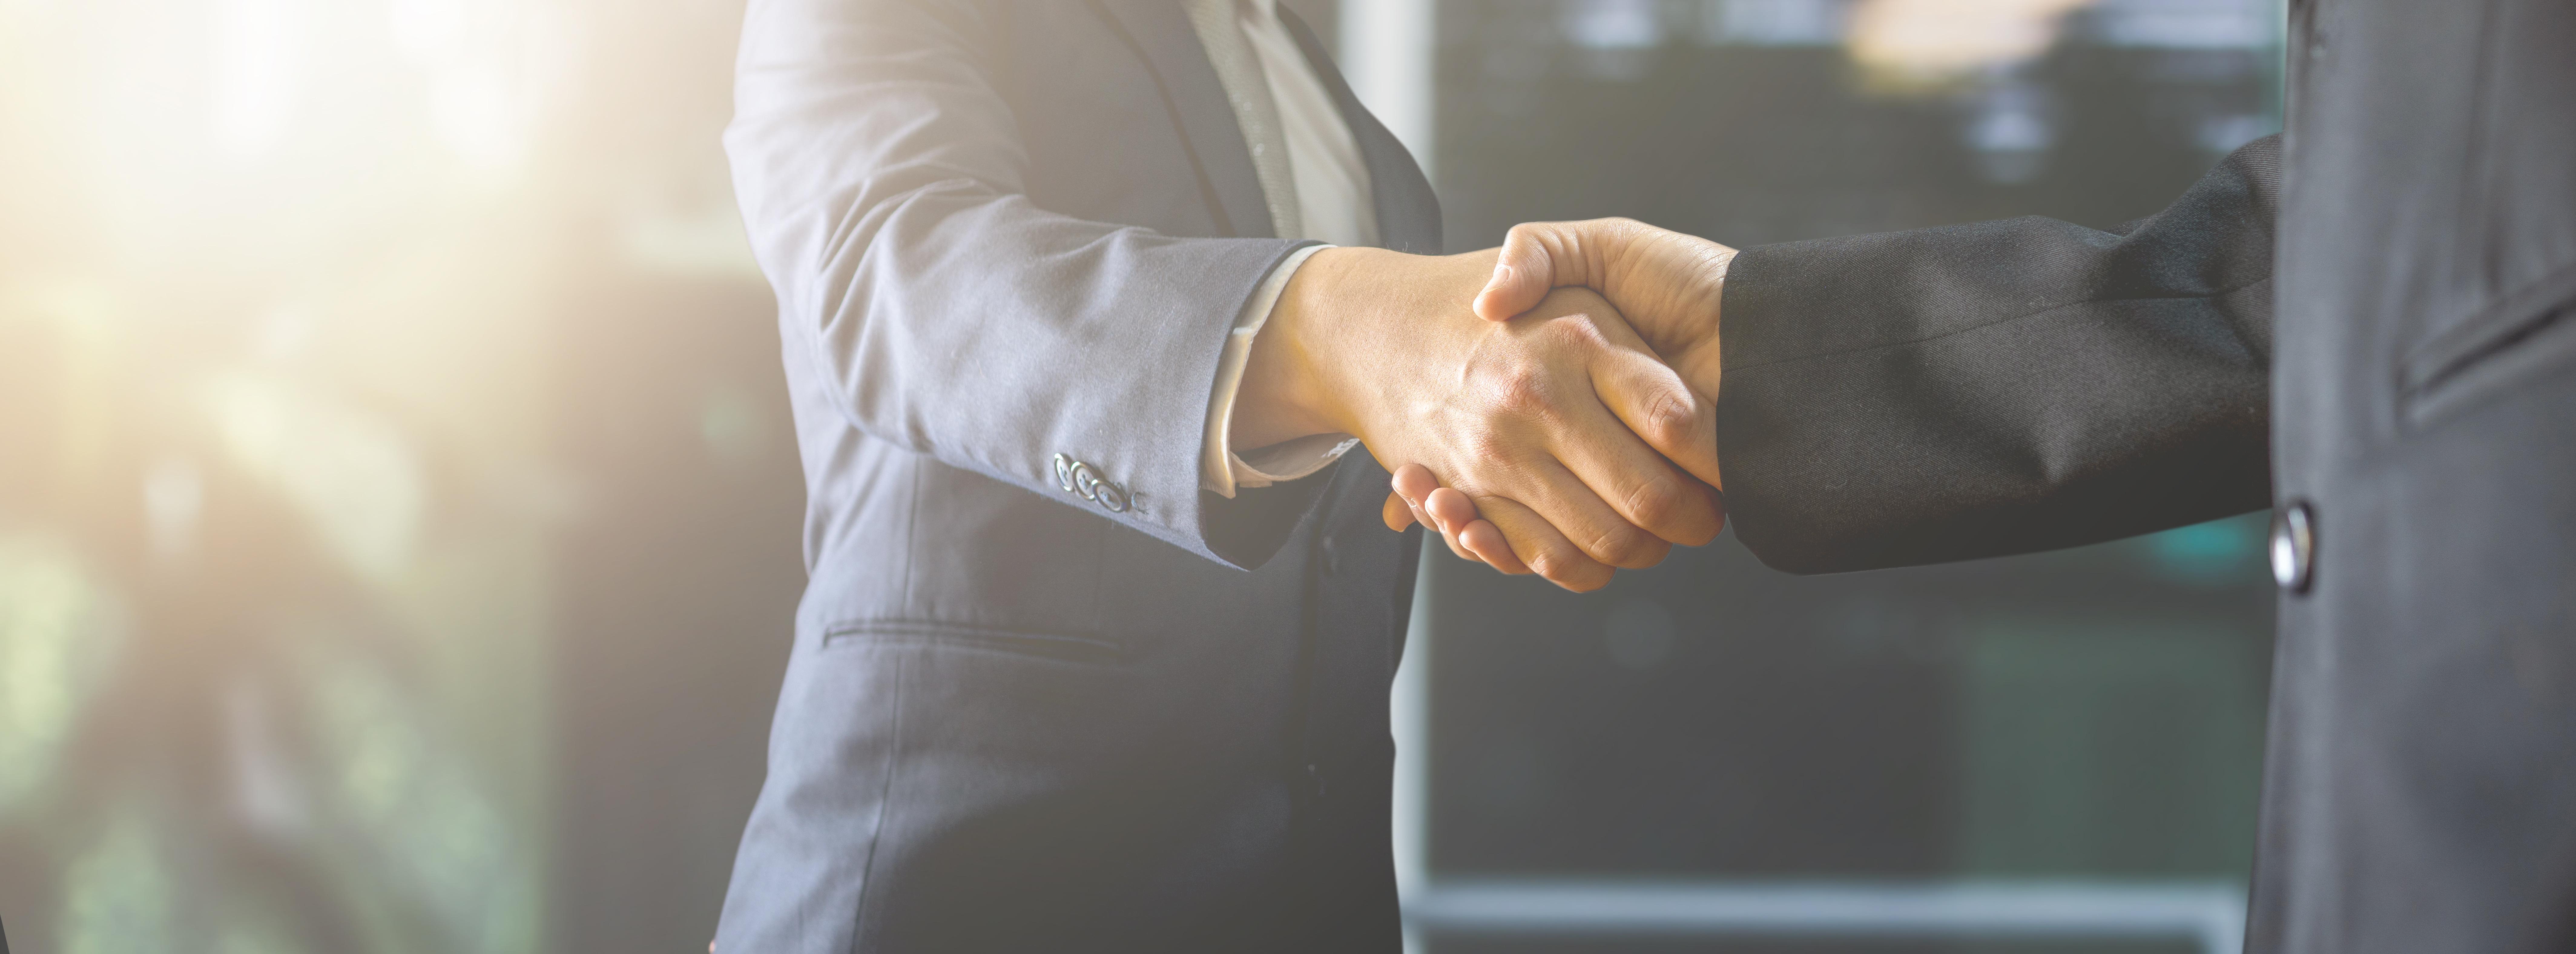 Servicios de traducción de español a inglés: la precisión es clave para el éxito empresarial